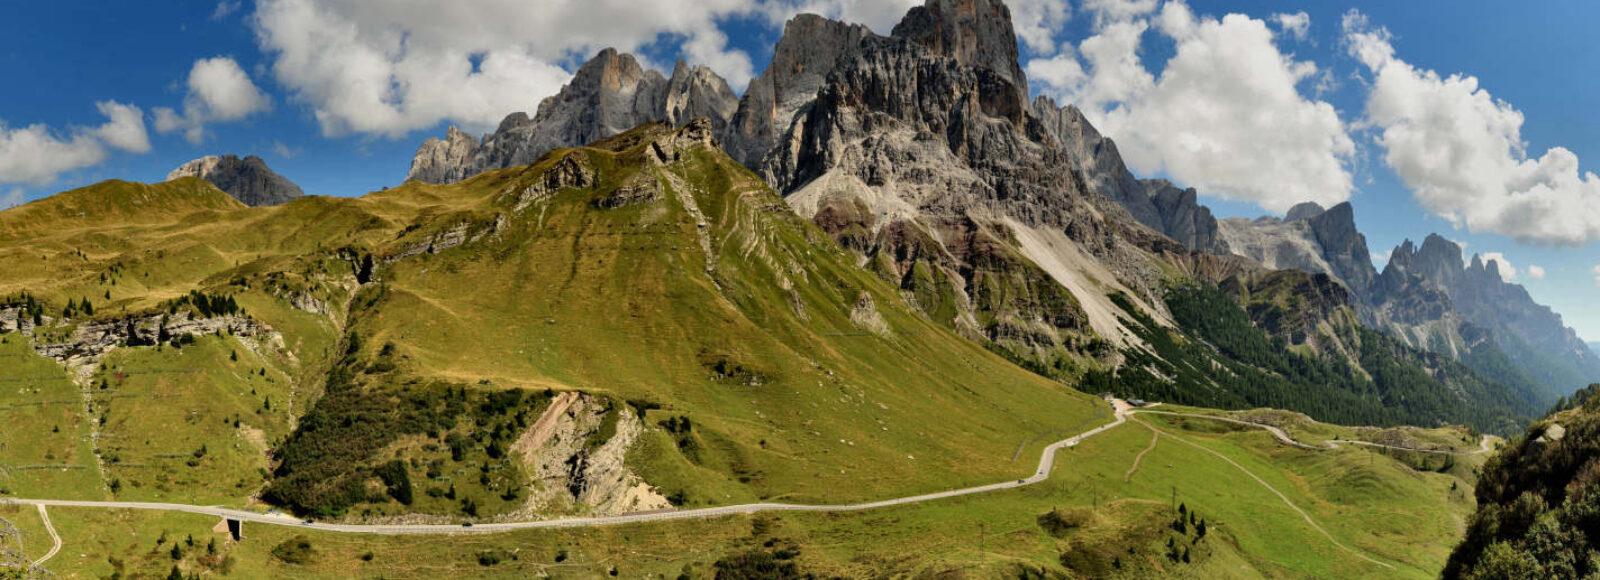 Cimon de la Pala - Dolomiti - Trentino